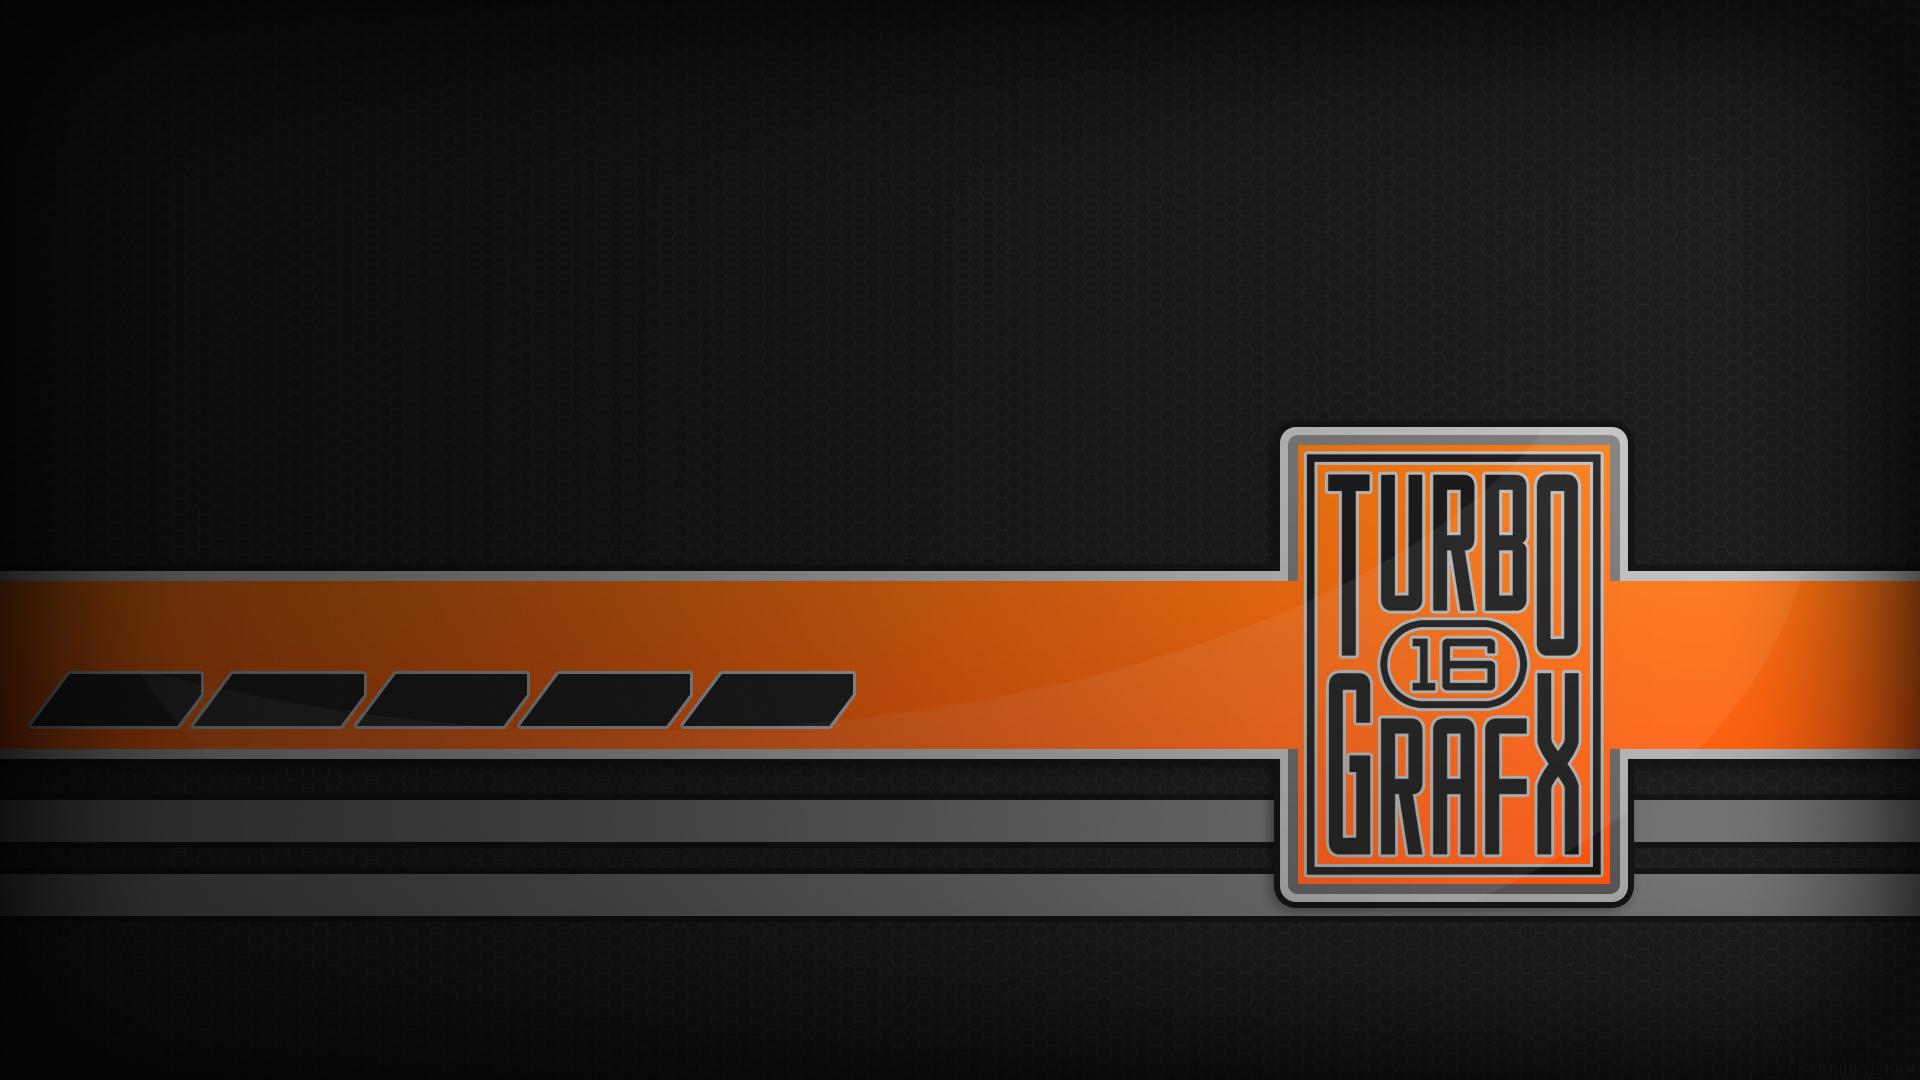 turbo grafx 16 desktop 1080 wallpaper. Black Bedroom Furniture Sets. Home Design Ideas